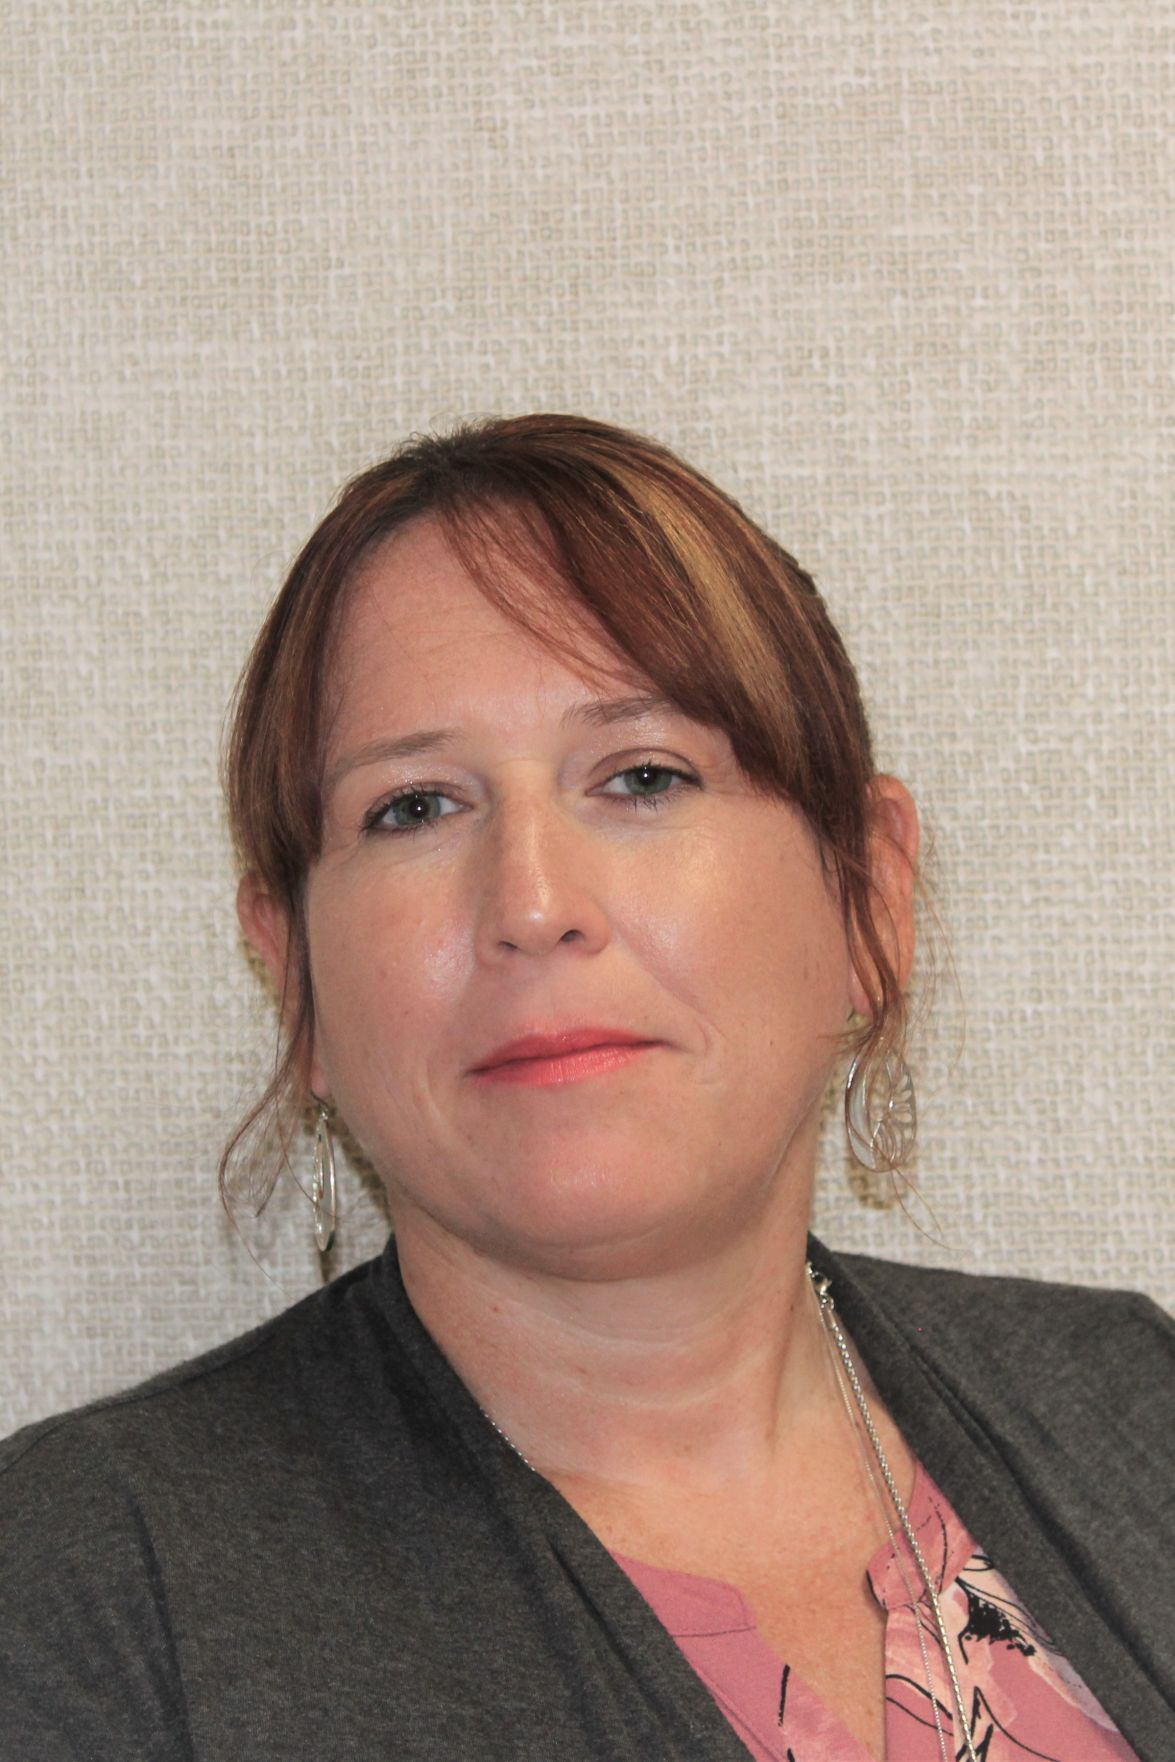 Julie Vinson